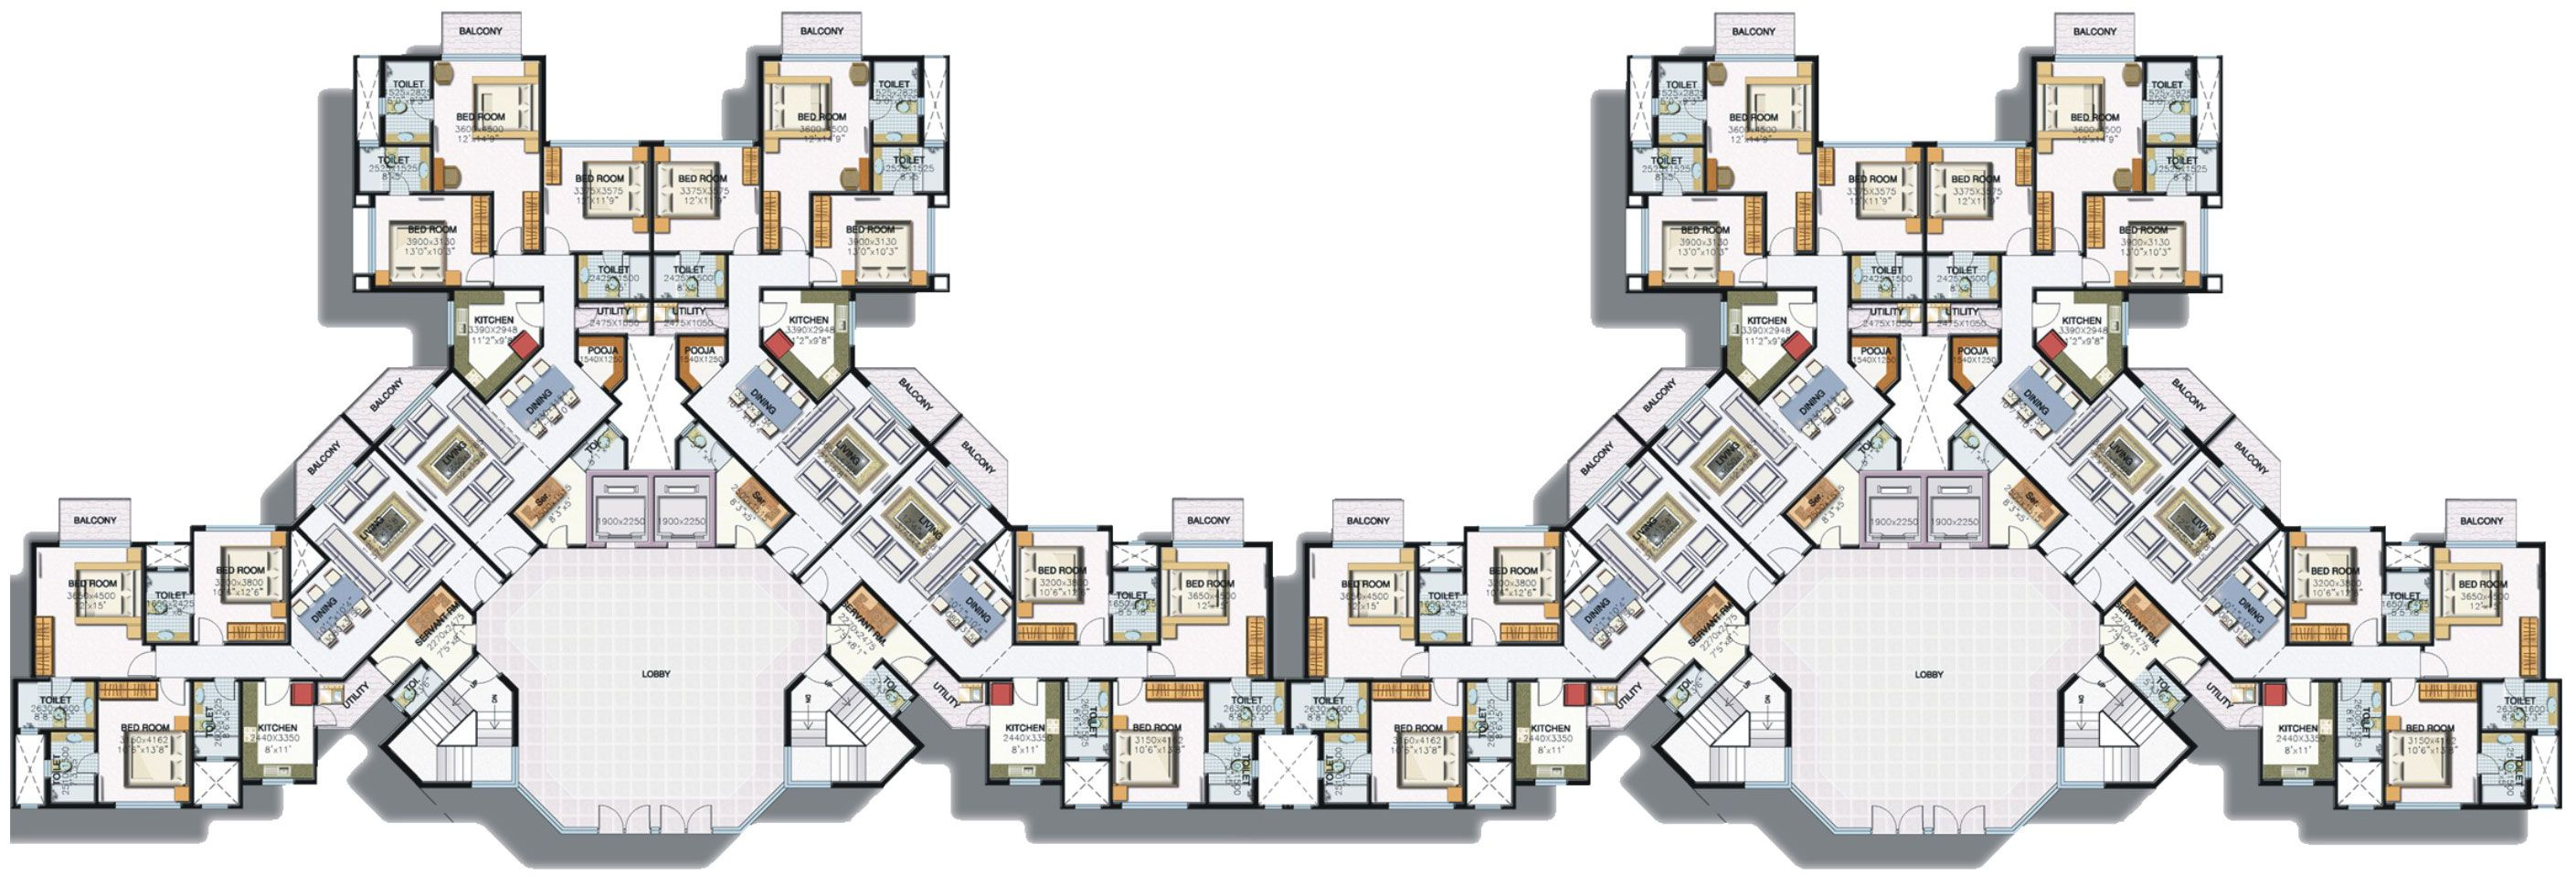 low rise apartment building designs - Tìm với Google | chung cư ...